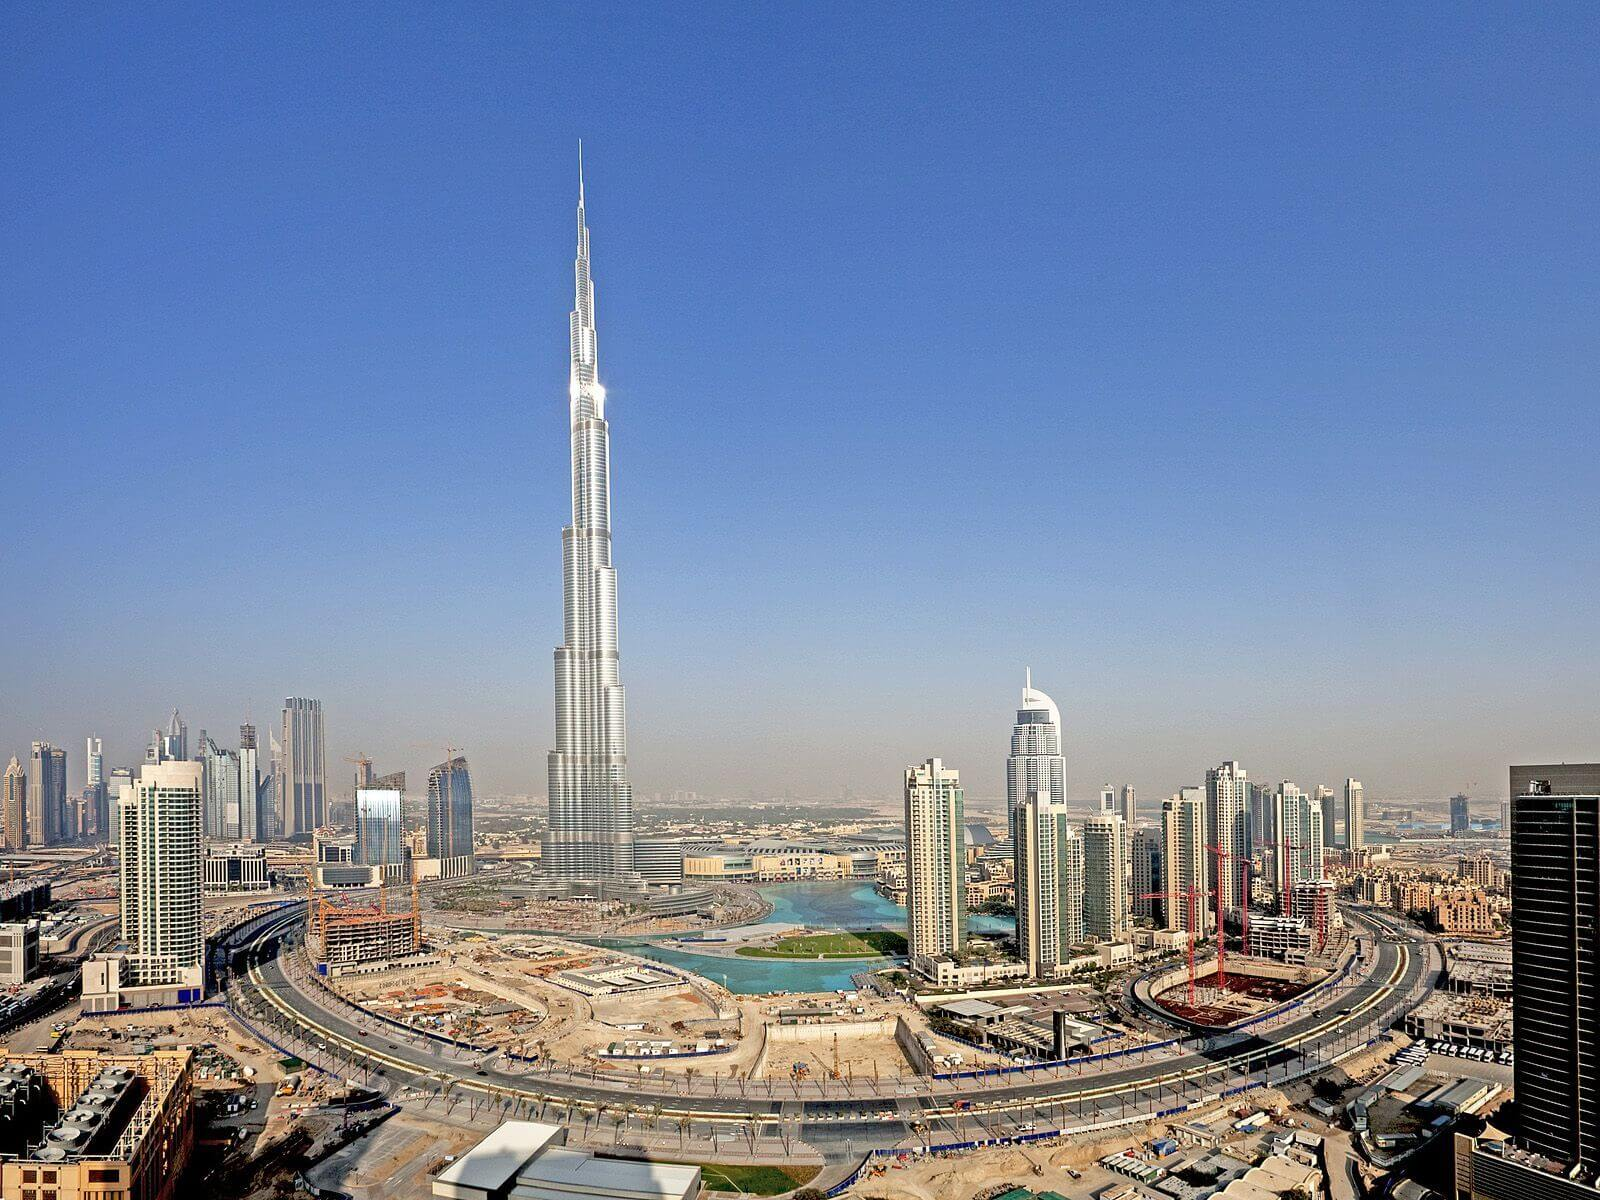 United Arab Emirates الامارات العربية المتحدة